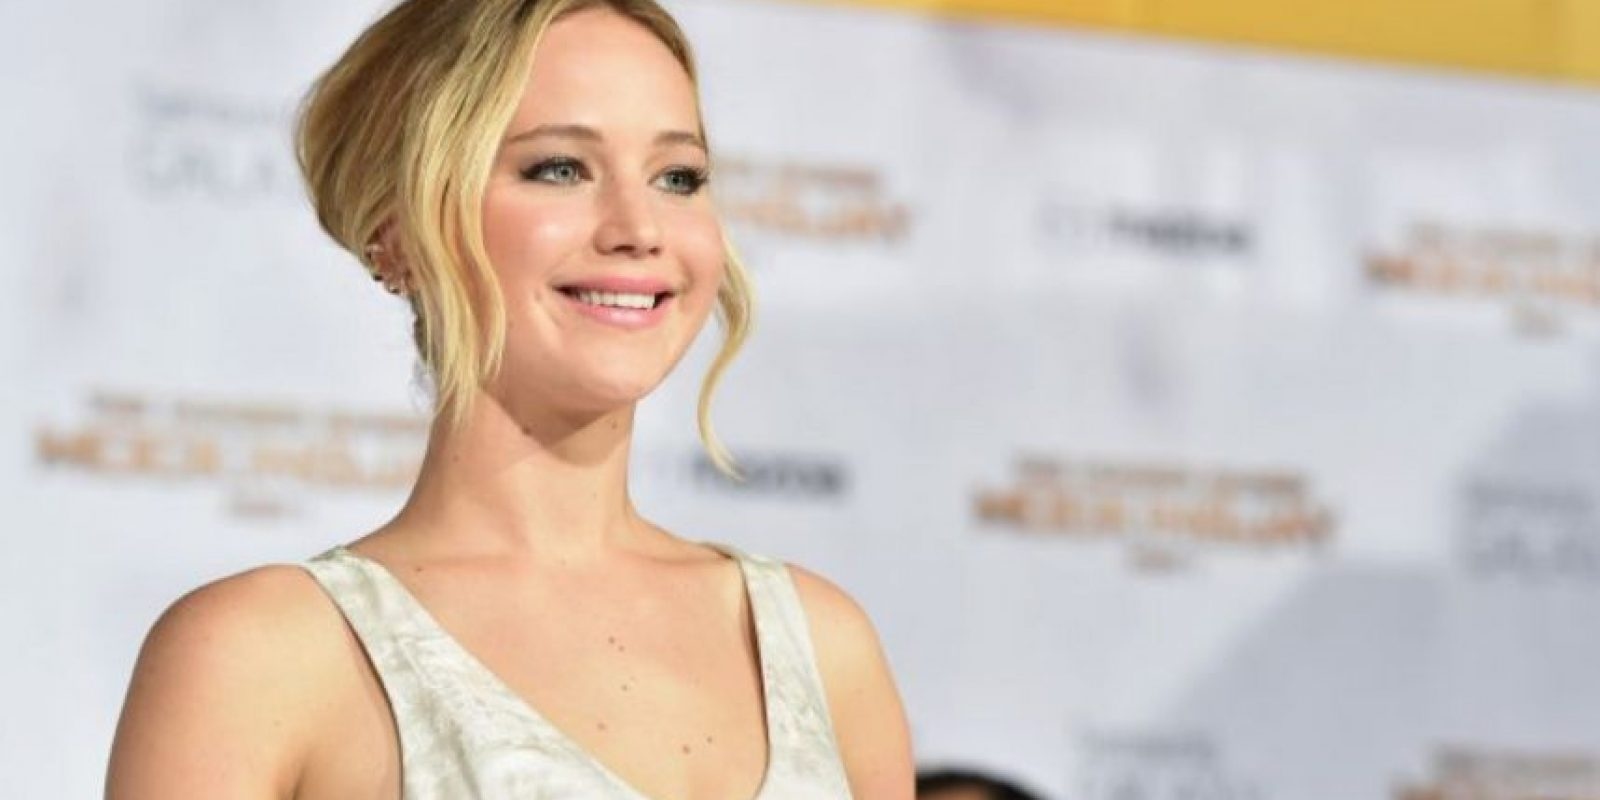 Jennifer Lawrence ganó el año pasado 34 millones de dólares. Foto:Getty Images